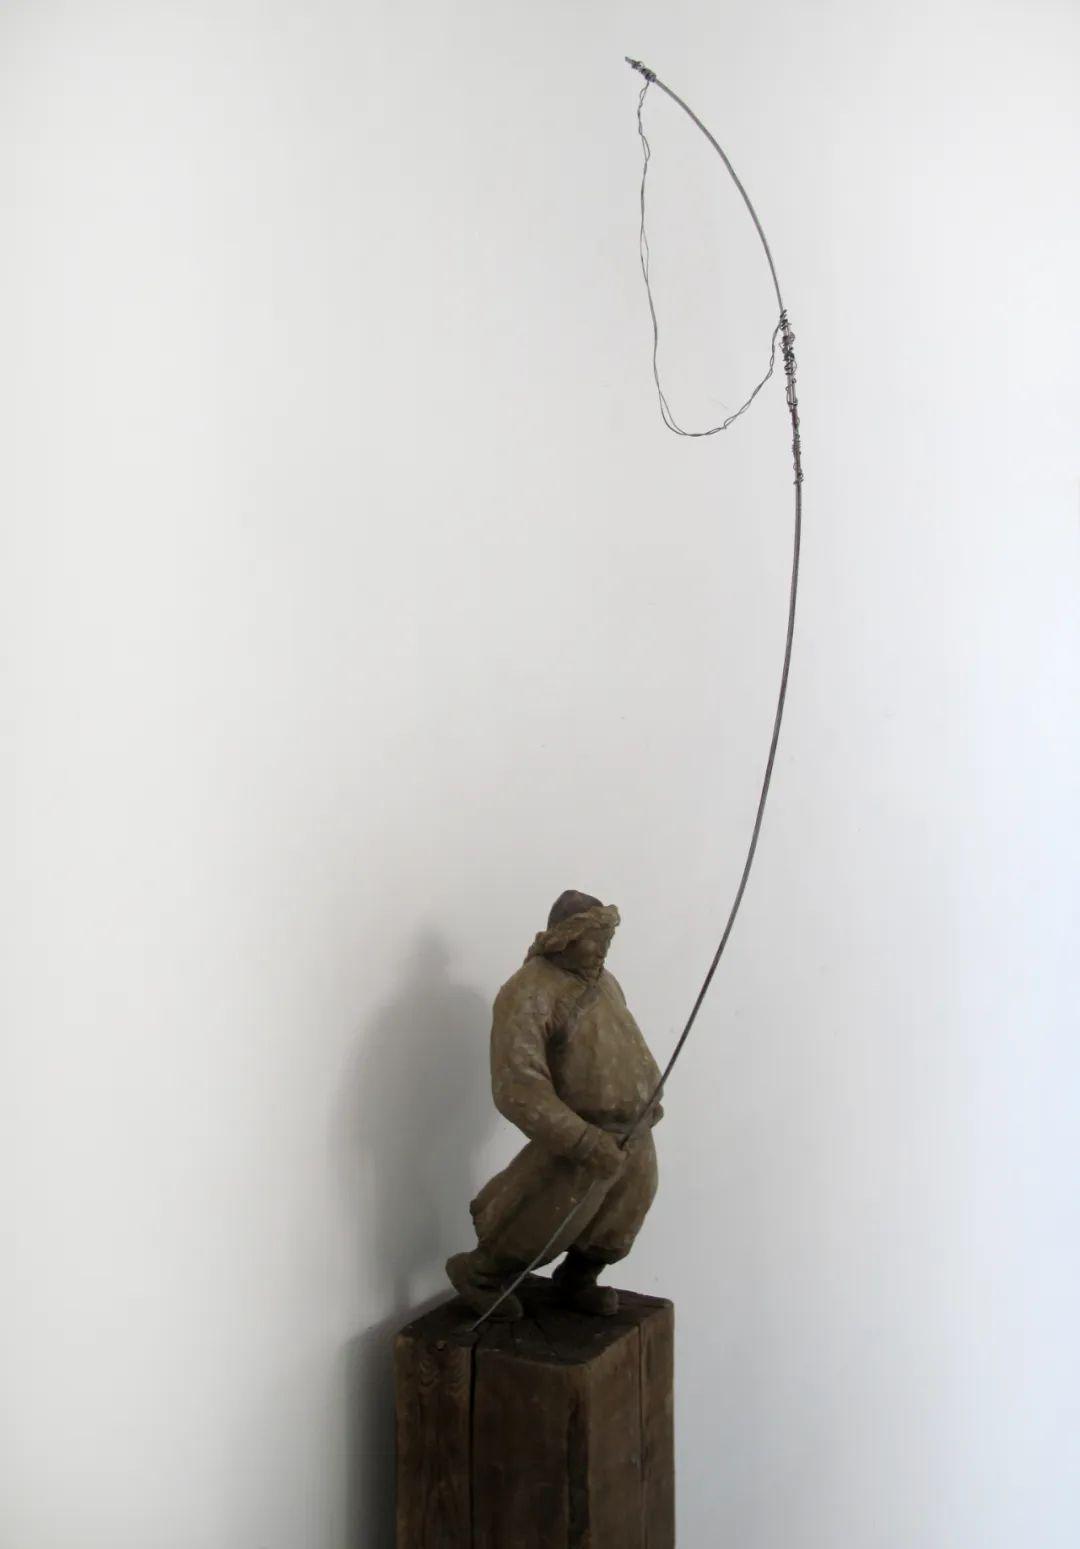 家乡美 | 孟根套海雕塑作品欣赏 第4张